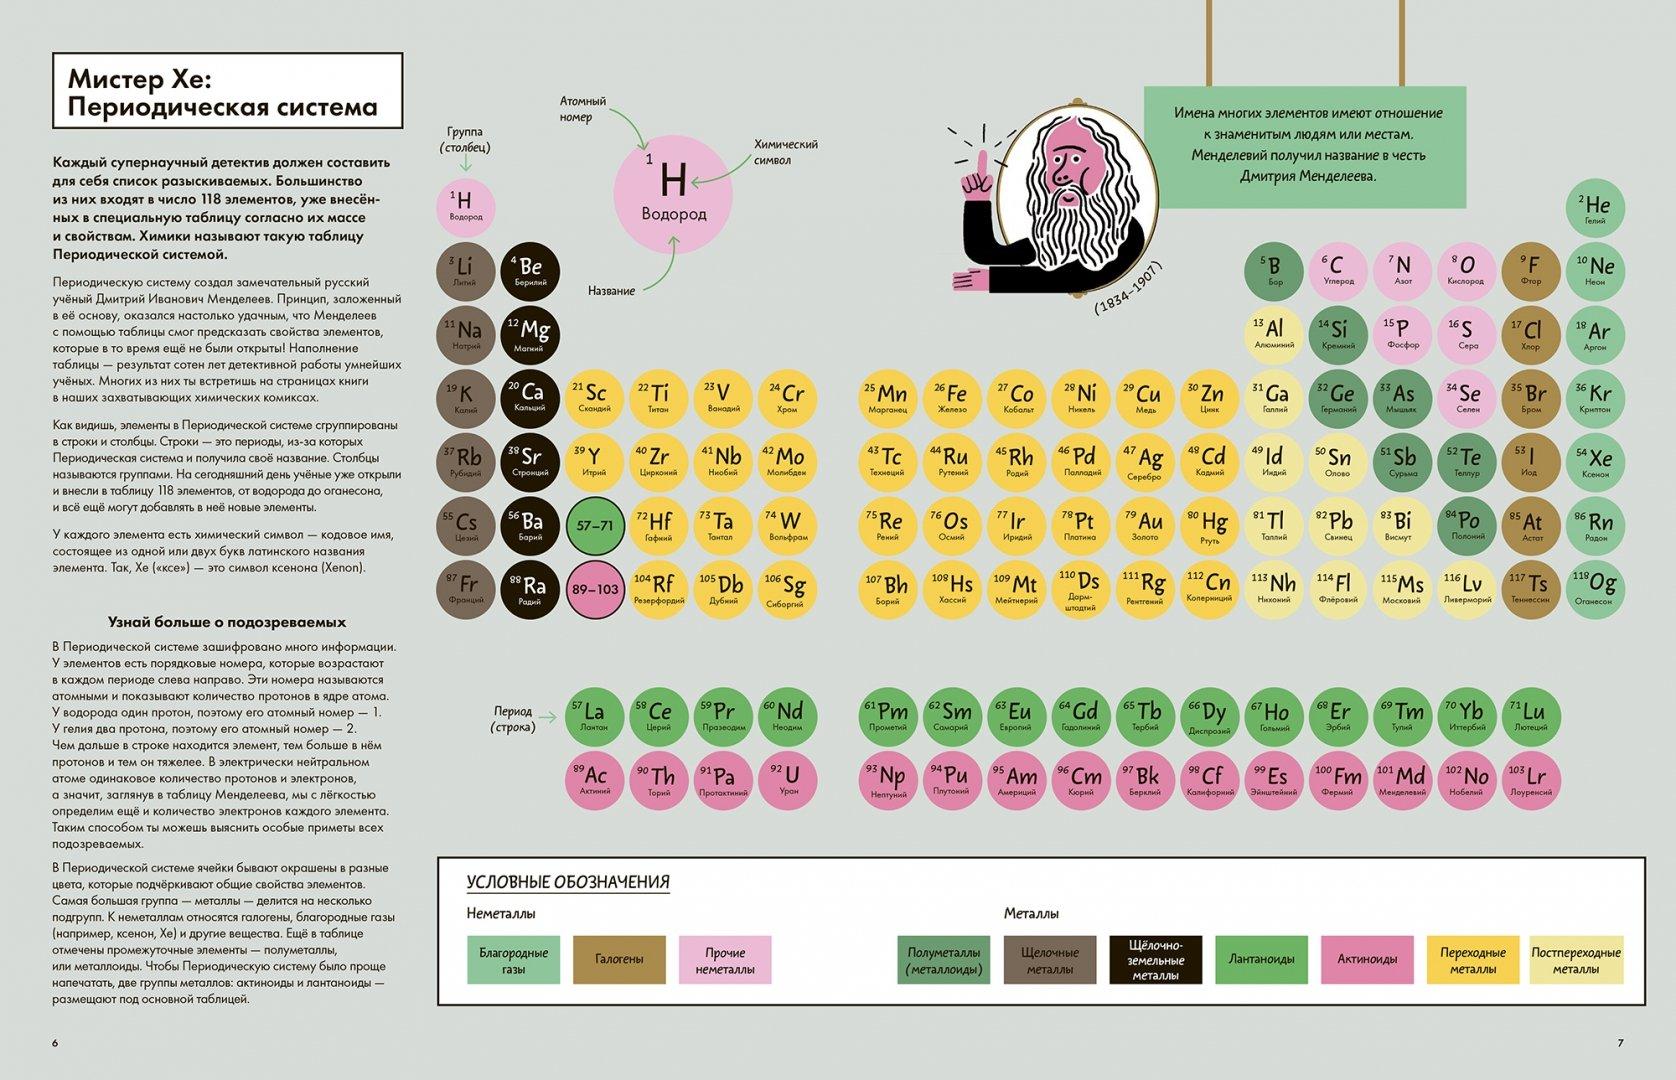 Иллюстрация 5 из 50 для Элементарно! Вся таблица Менделеева у тебя дома - Майк Барфилд | Лабиринт - книги. Источник: Лабиринт